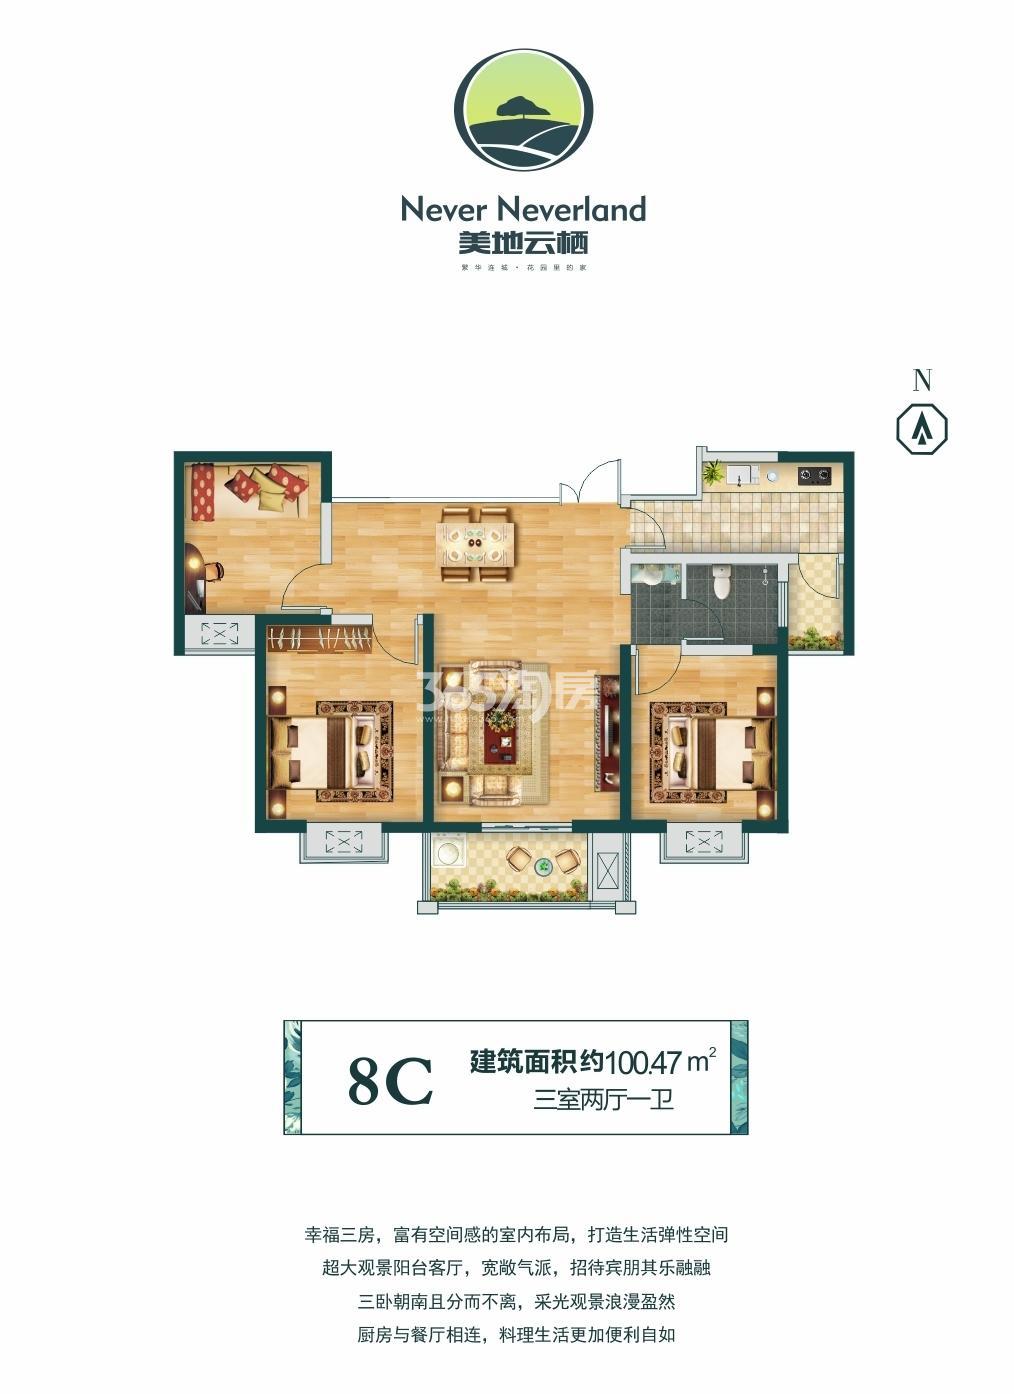 美地云栖8C三室两厅一卫建筑面积100.47㎡